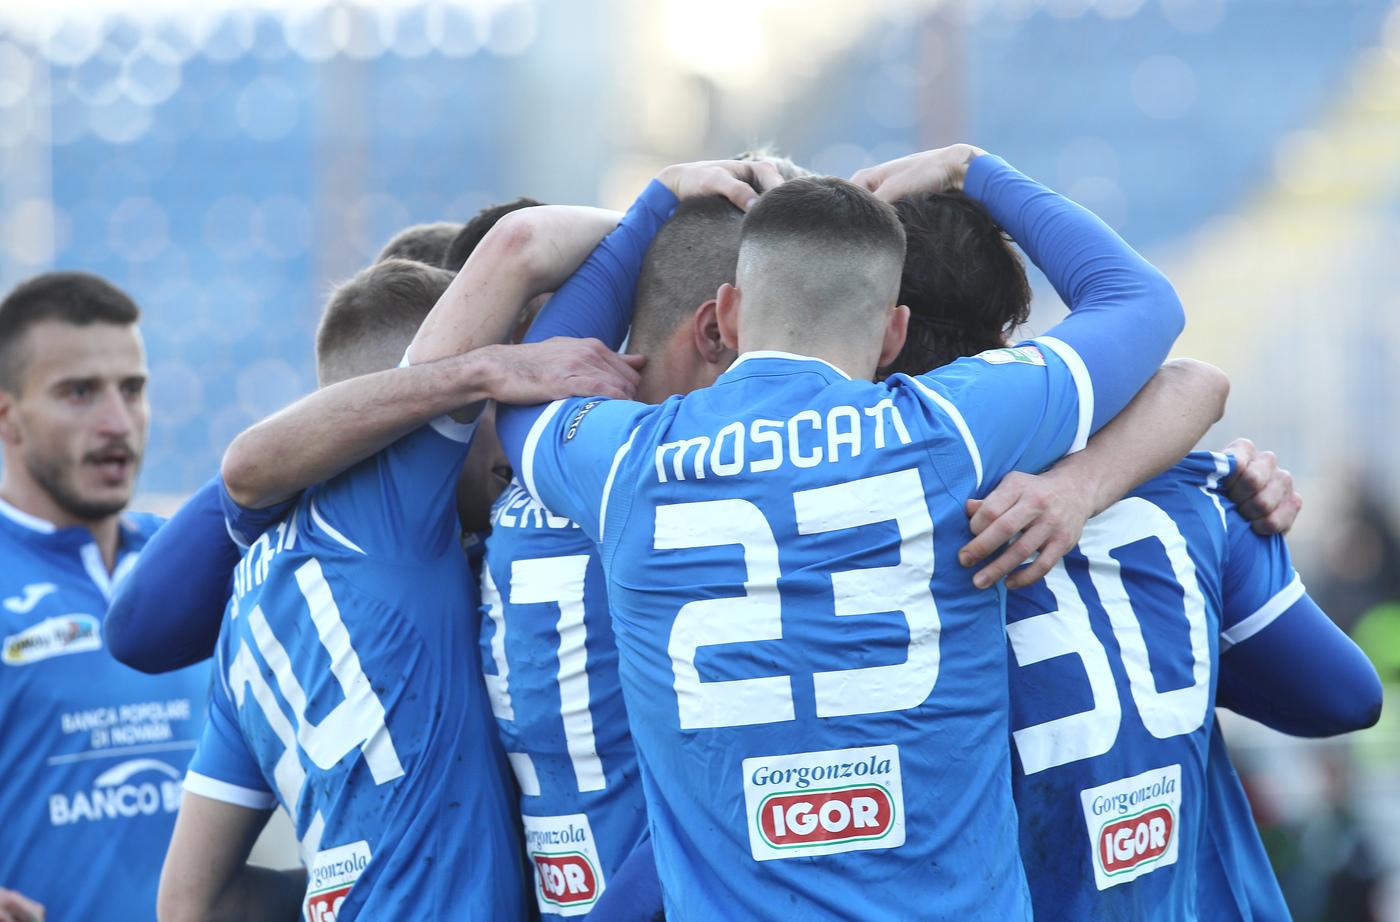 Alessandria-Novara 12 dicembre: match valido per il gruppo A della Serie C. Entrambe hanno bisogno di tornare ai 3 punti.